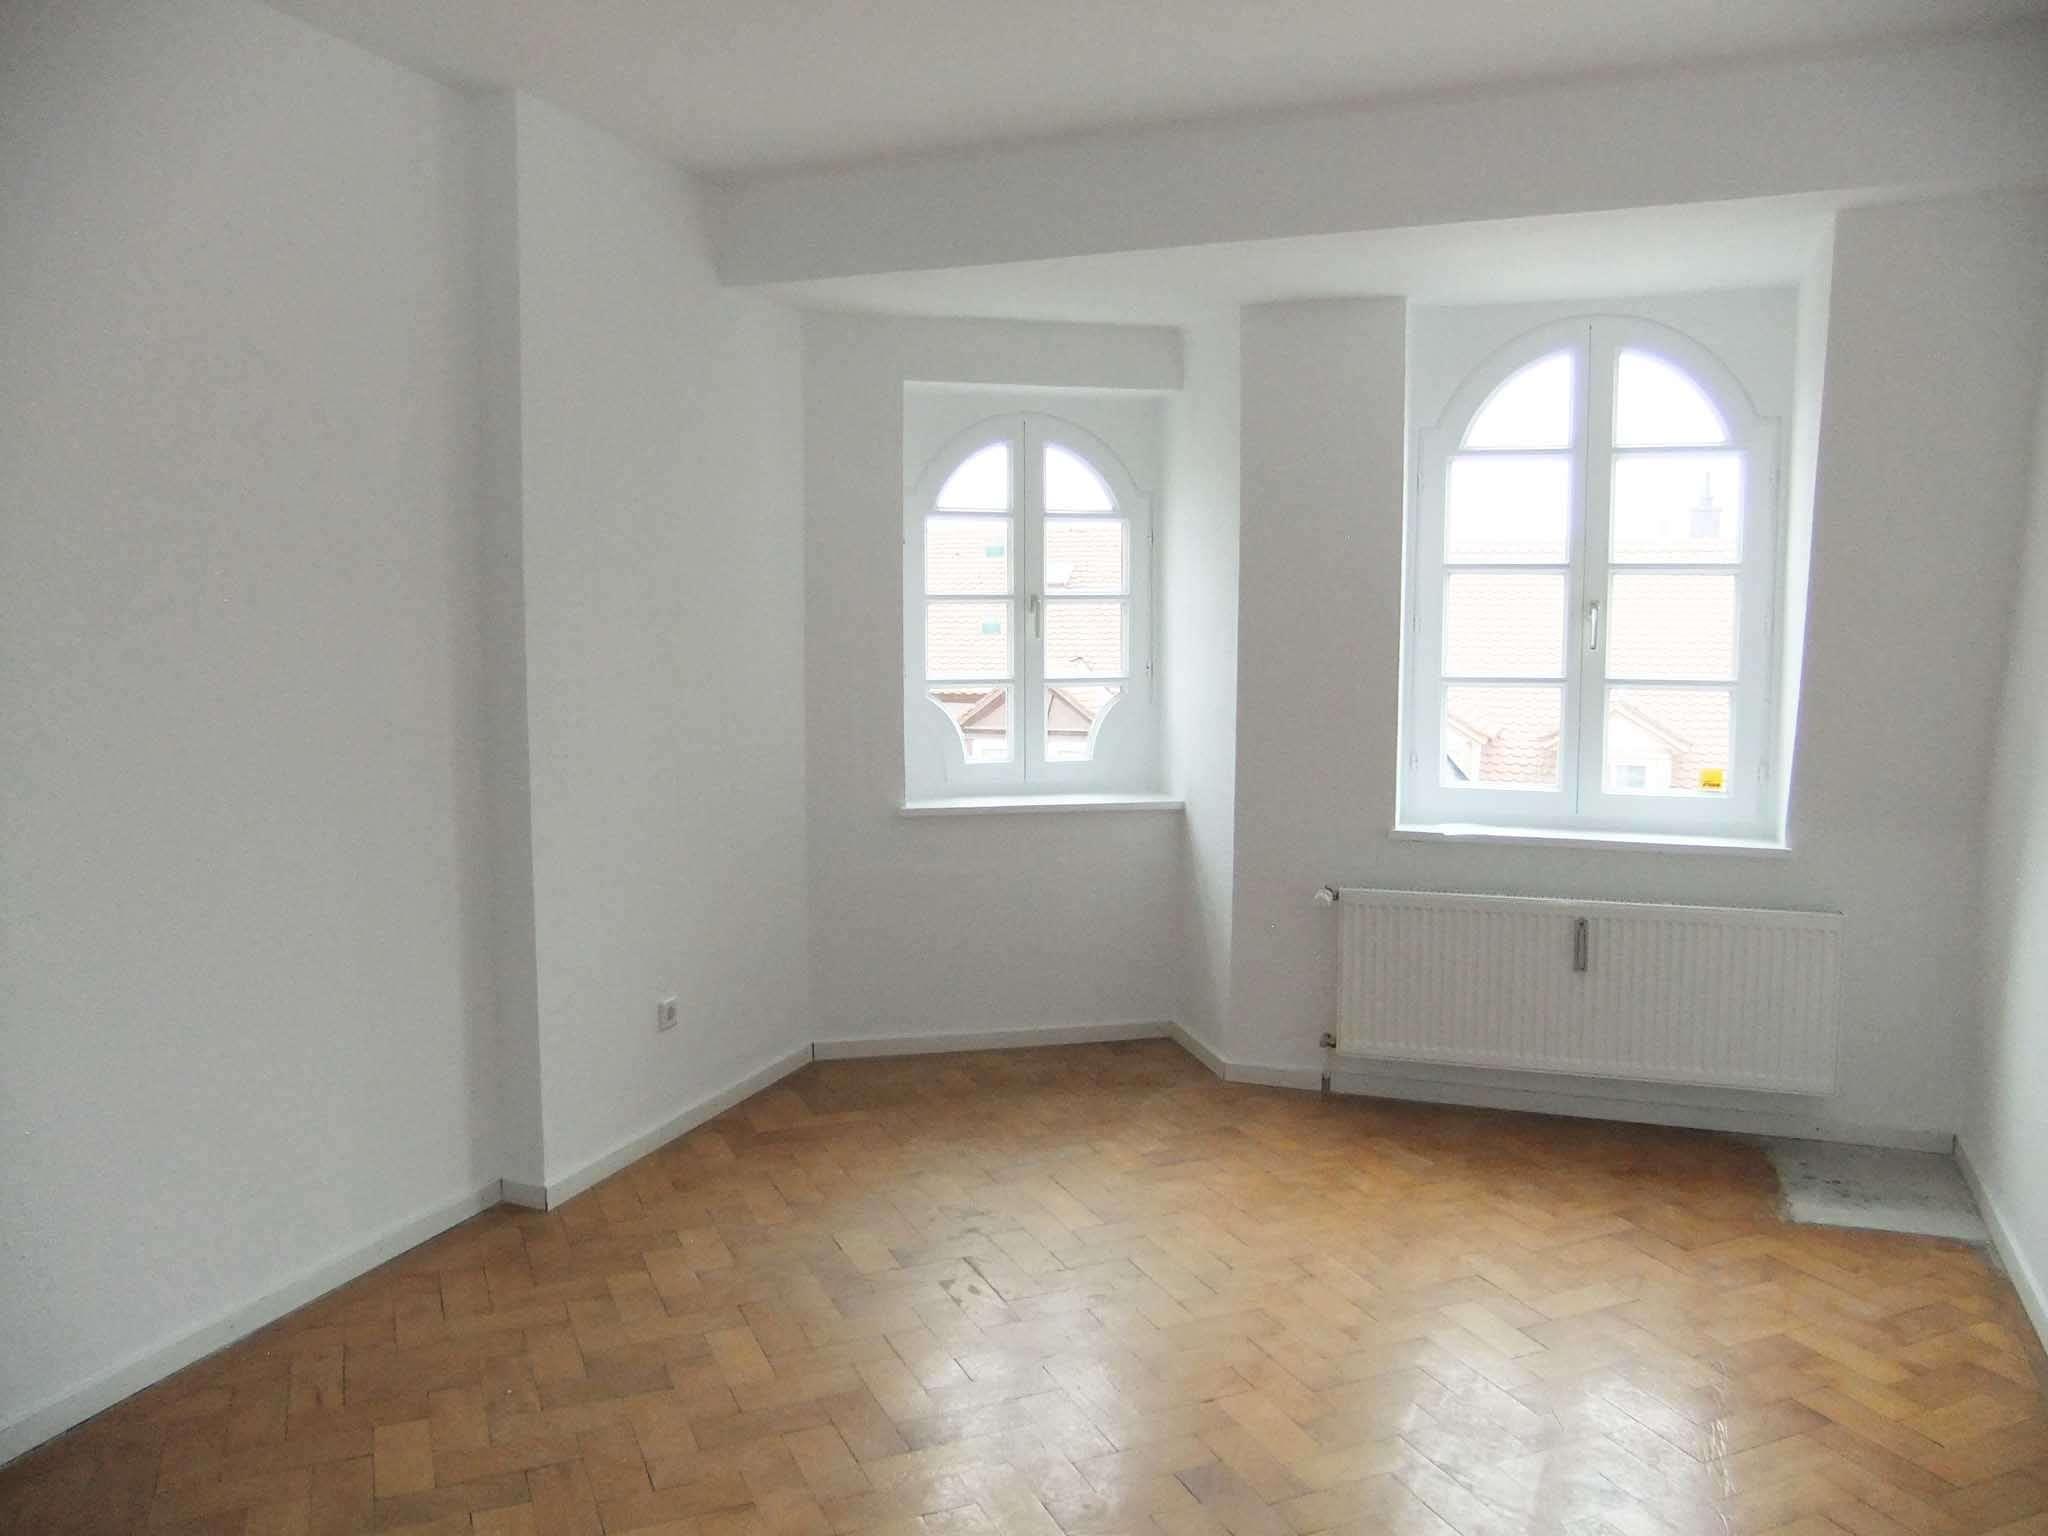 Keine WG! -- Stilvolles Wohnen in prächtigem Jugendstilhaus in der Maximilianstraße in Regensburg-Innenstadt